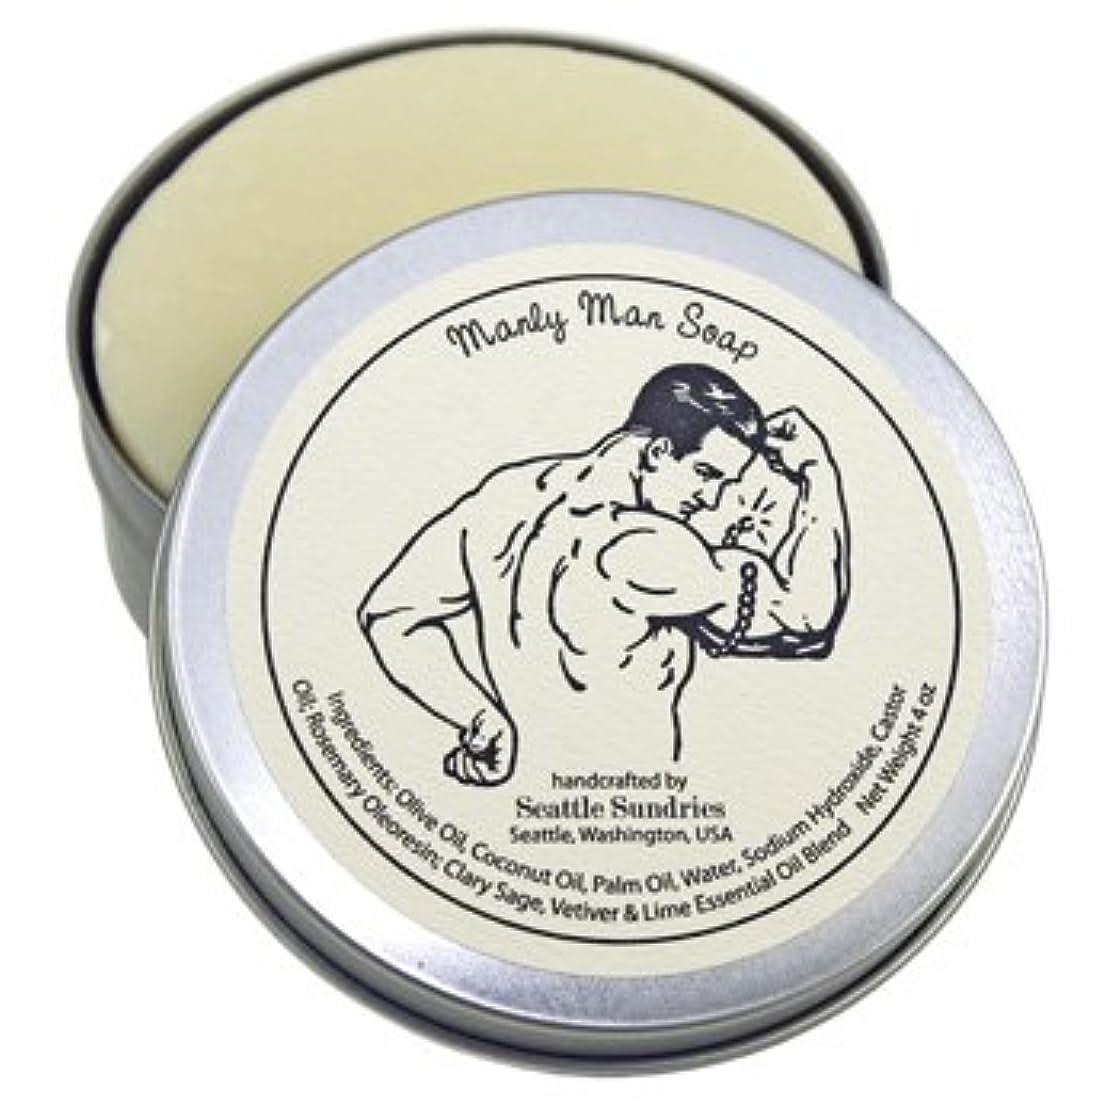 モジュール乳白色三シアトル石鹸 Manly Man / 雄々しい男 Seattle Sundries社製